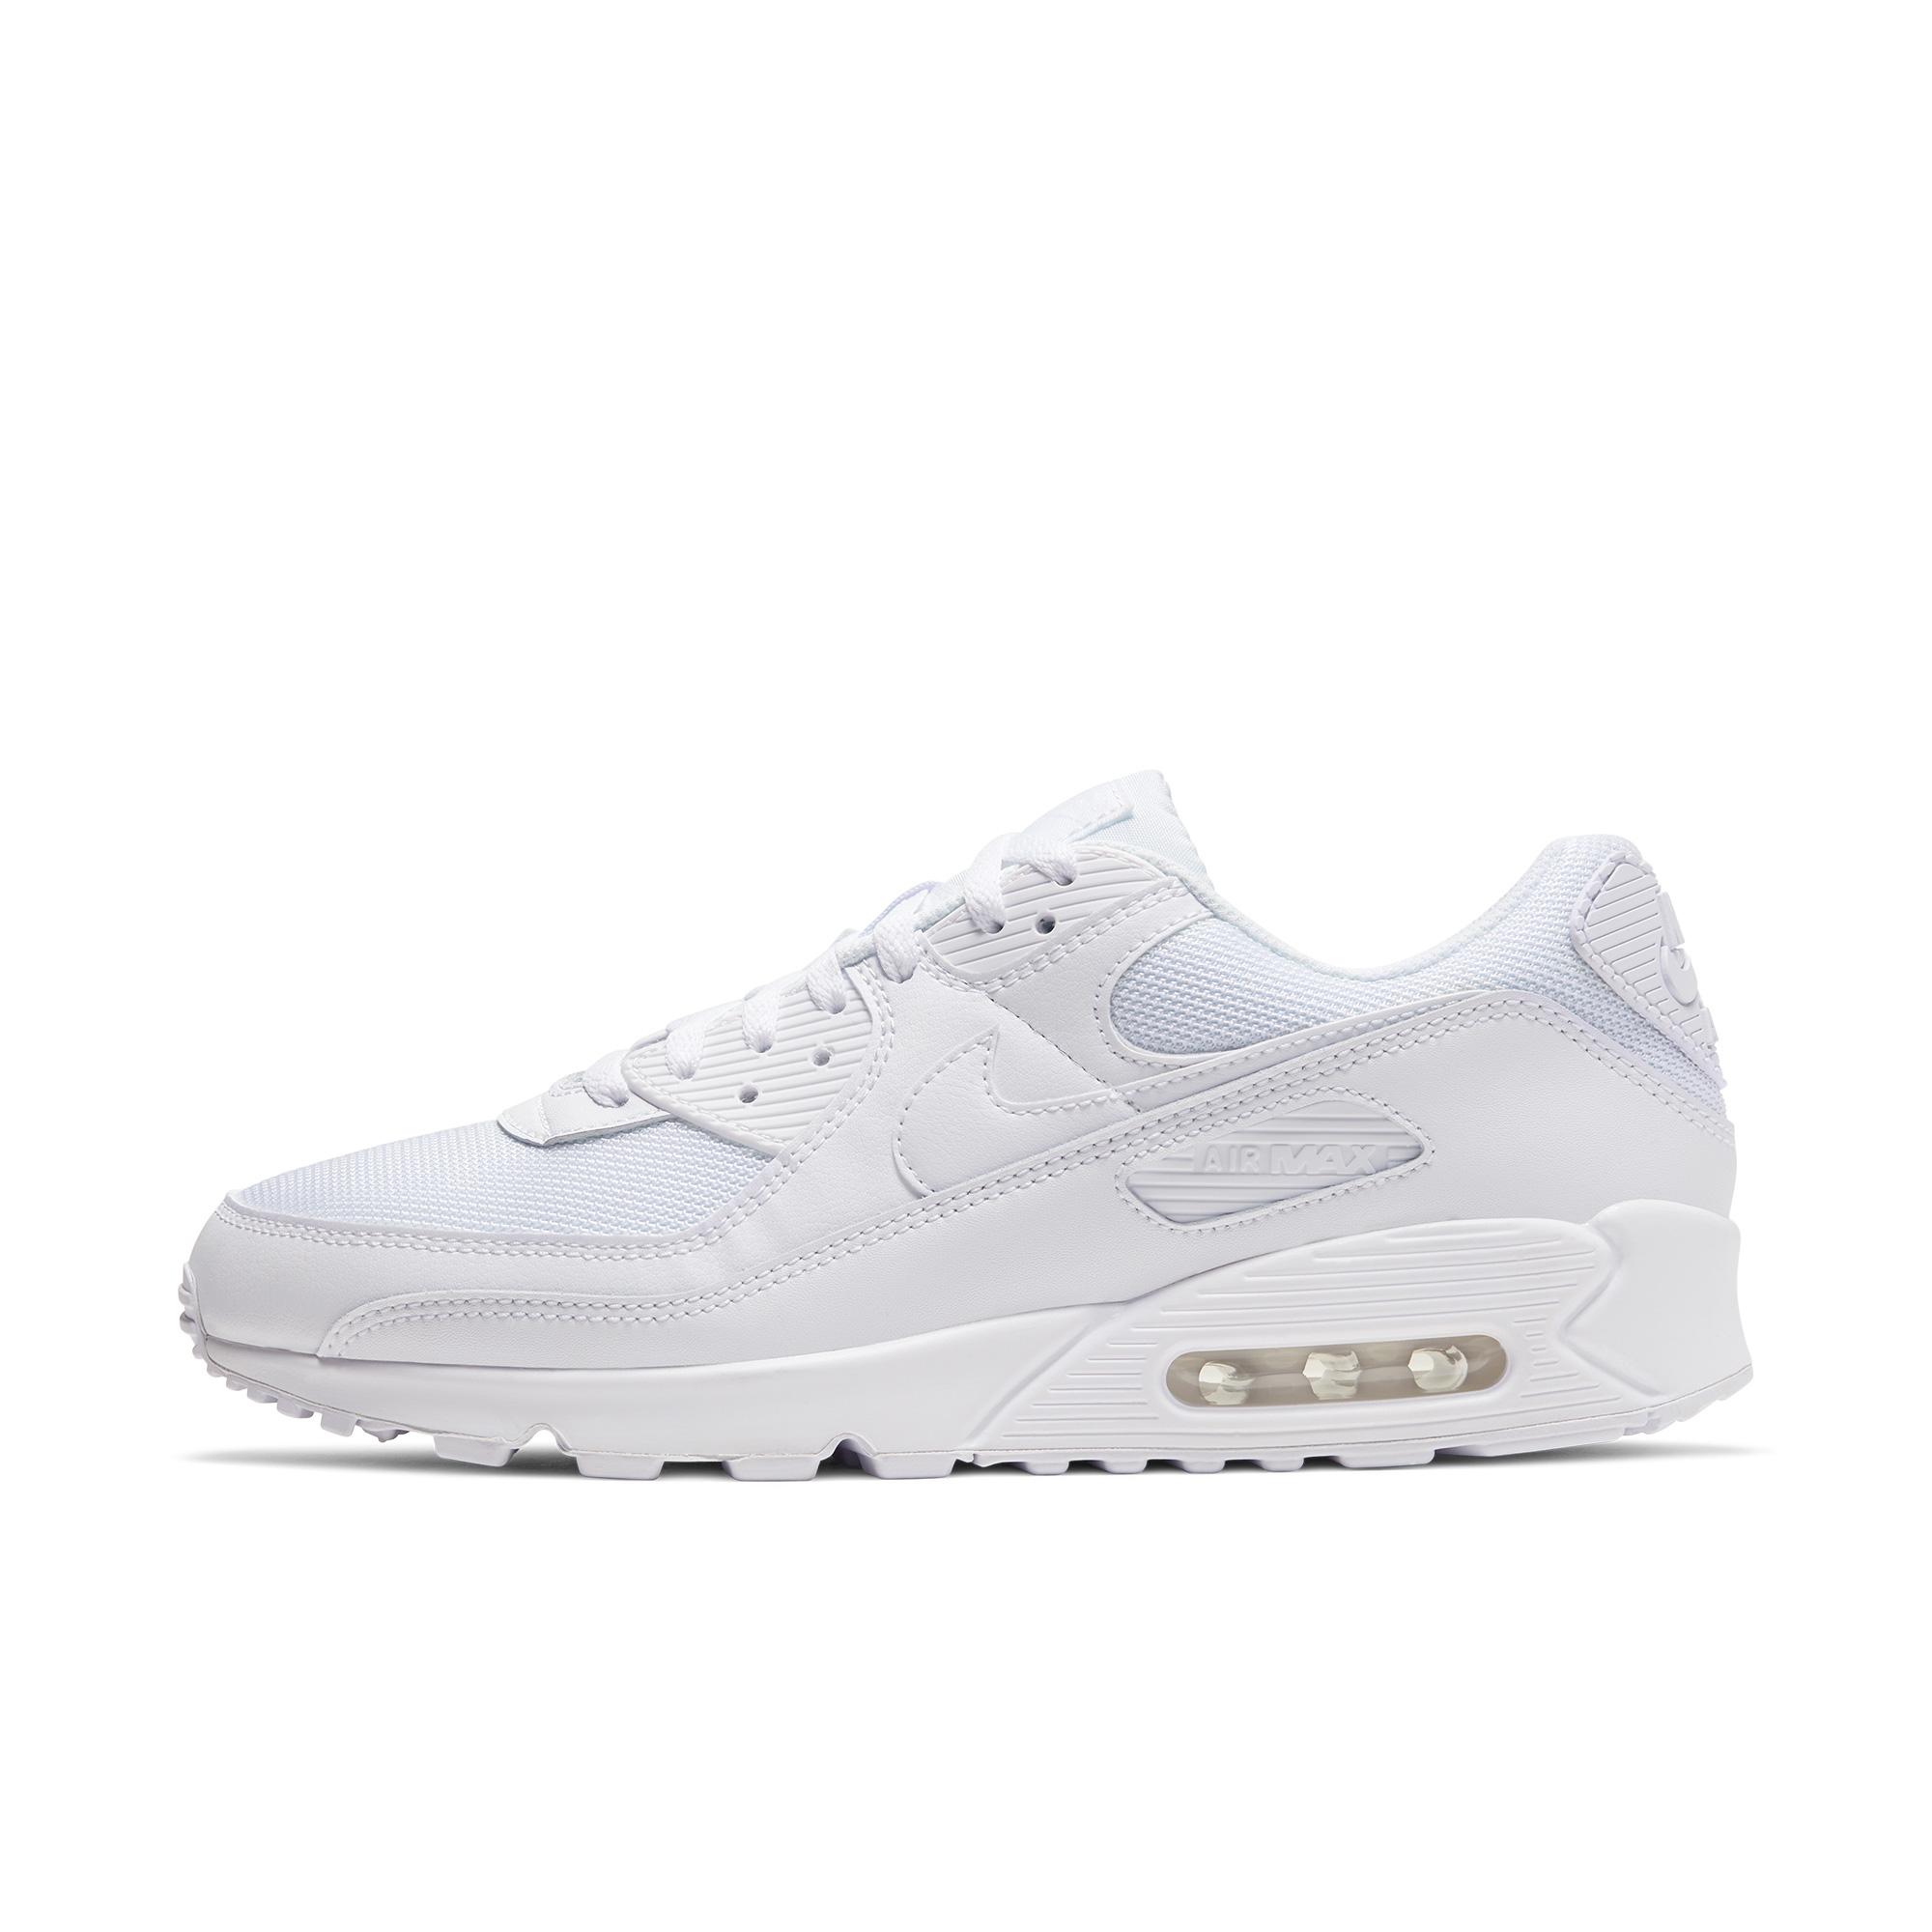 (ลดล้างสต๊อก)รองเท้าวิ่งผู้ชาย โปรโมชั่นอย่างเป็นทางการของ Nike เพียง 100 คู่เท่านั้น! รองเท้ากีฬาผู้ชาย NIKE AIR MAX 90